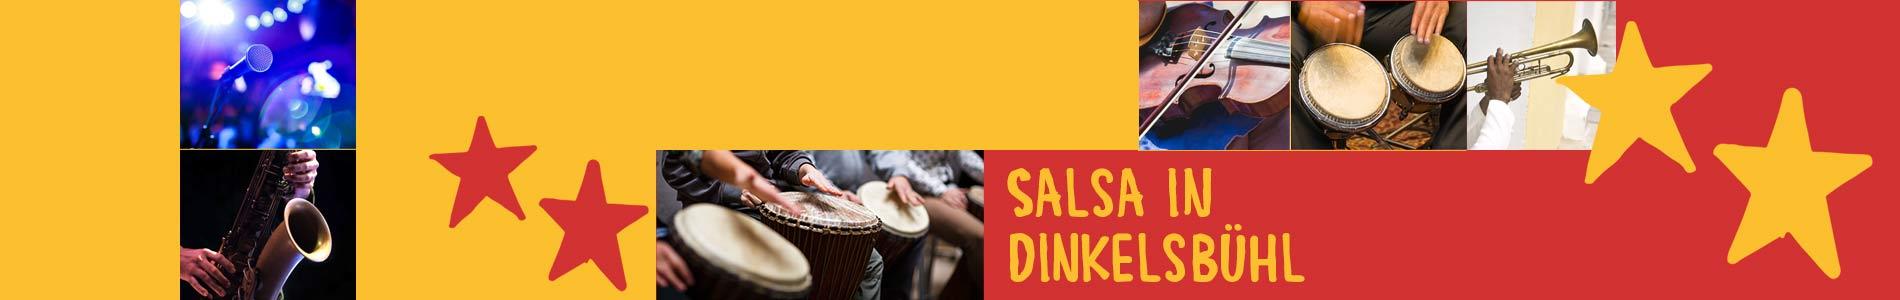 Salsa in Dinkelsbühl – Salsa lernen und tanzen, Tanzkurse, Partys, Veranstaltungen